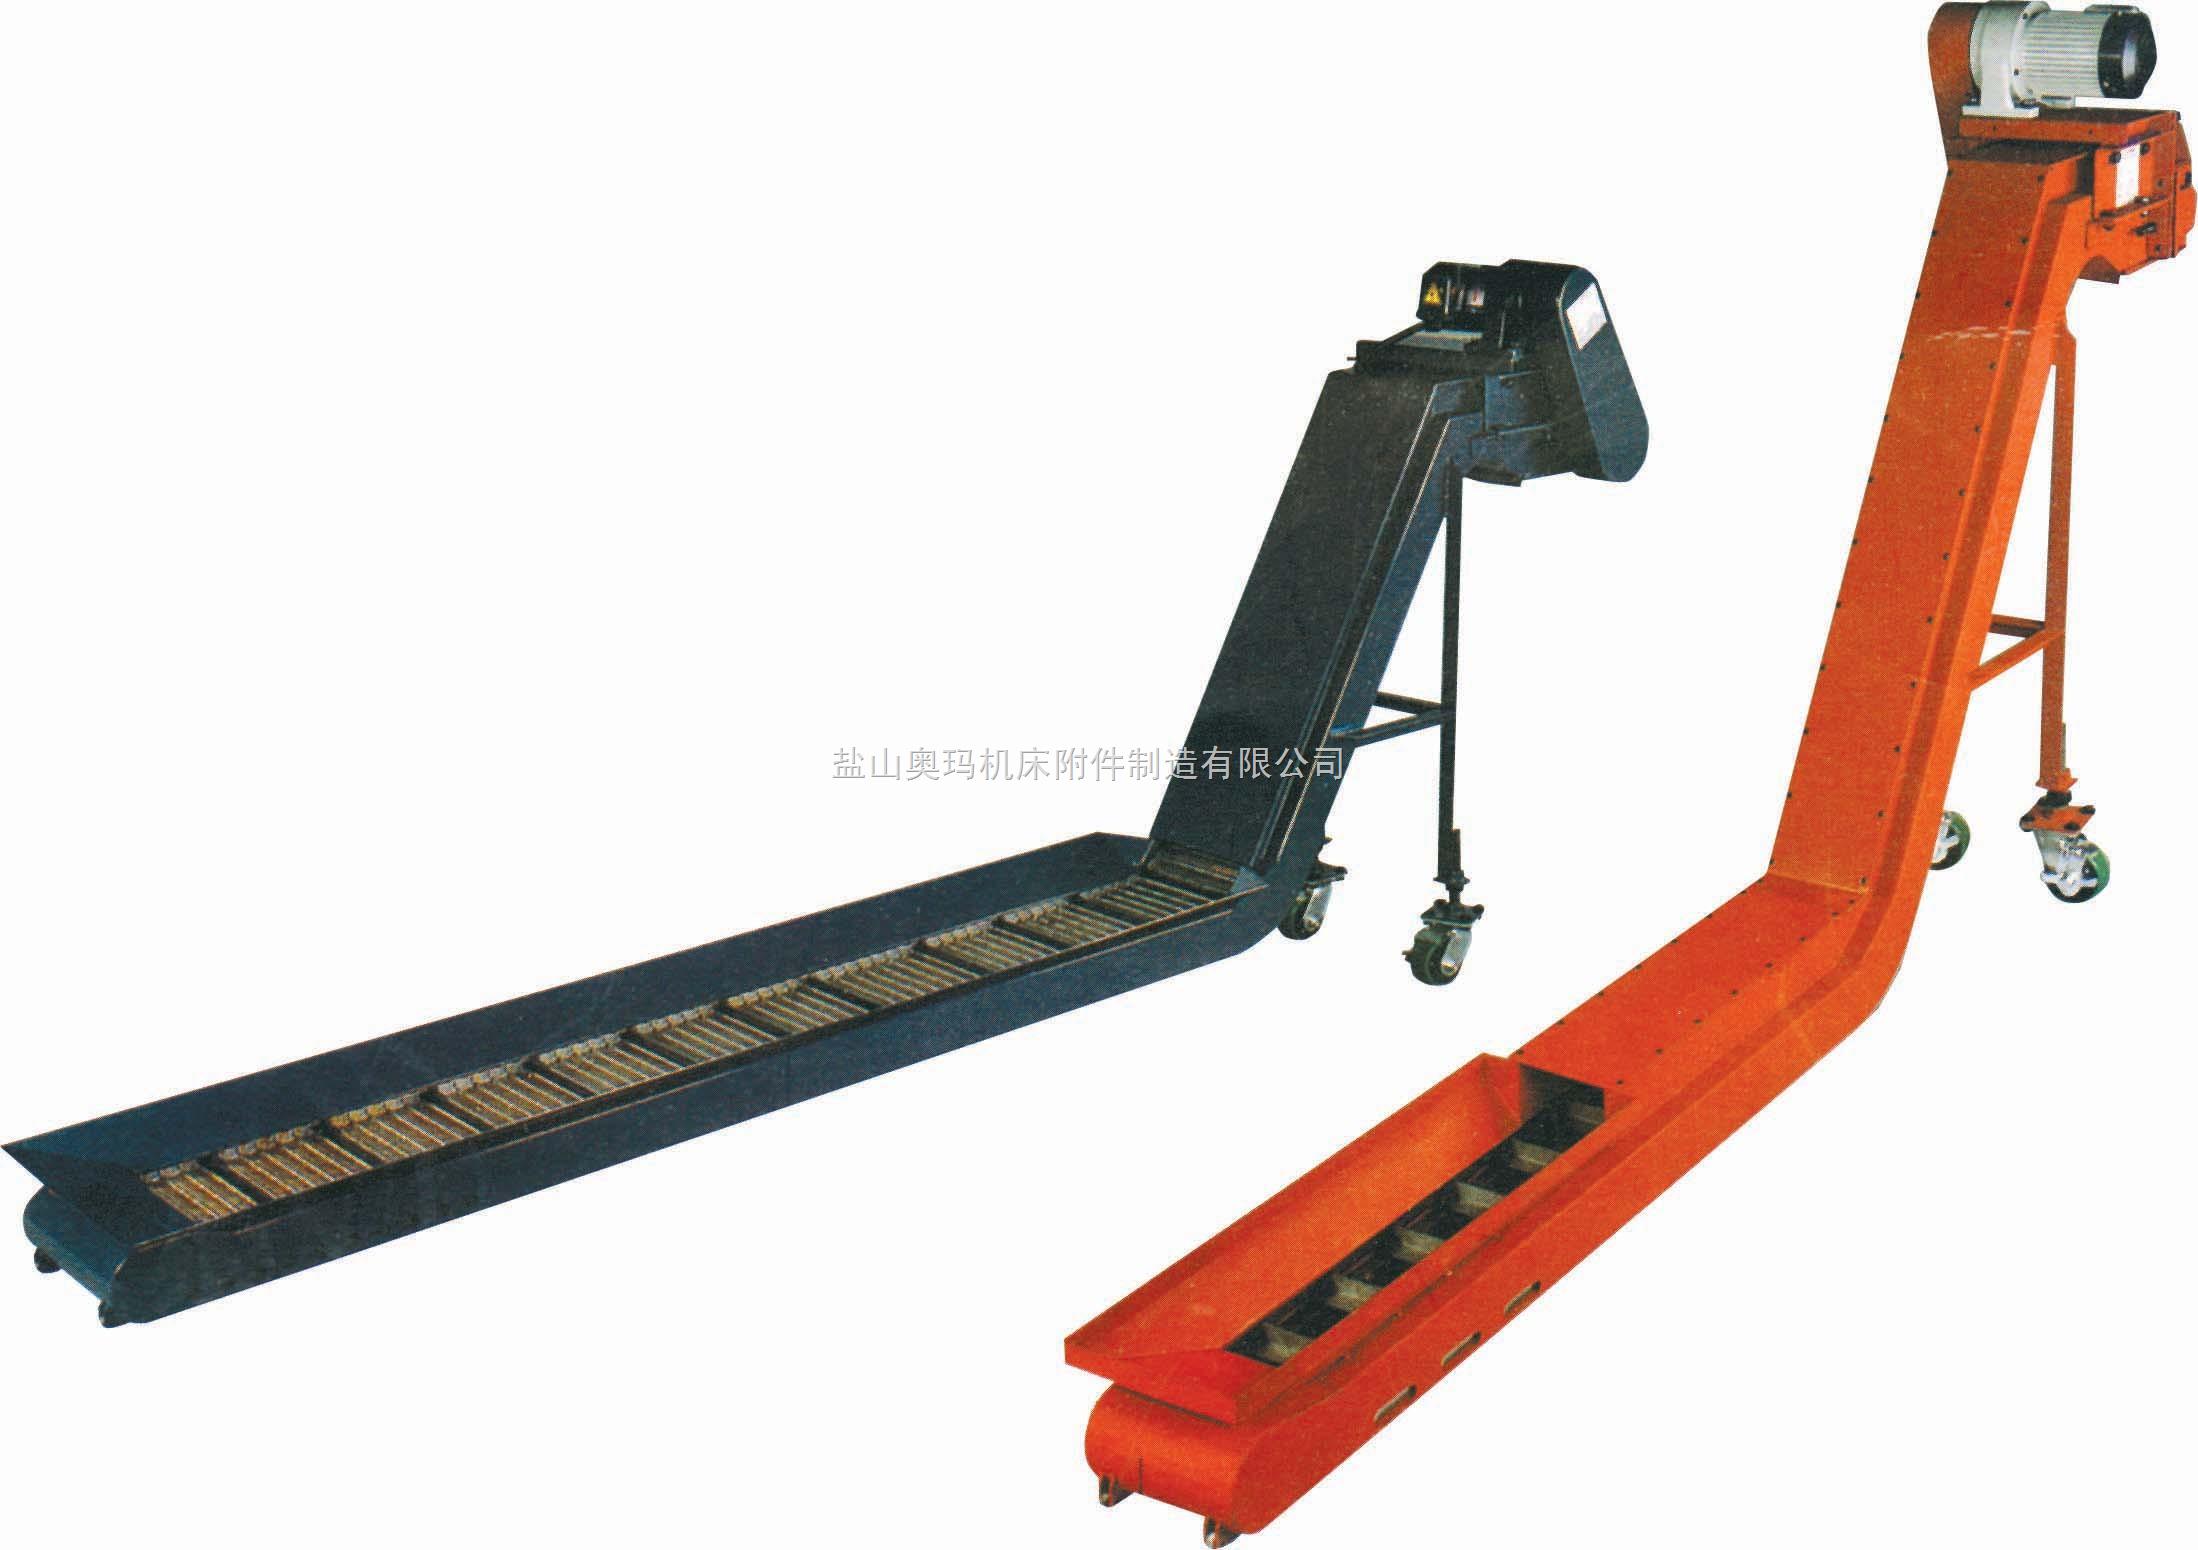 供应各种螺旋排屑机,链板排屑机,刮板排屑机,磁性式排屑机驻常州办事处